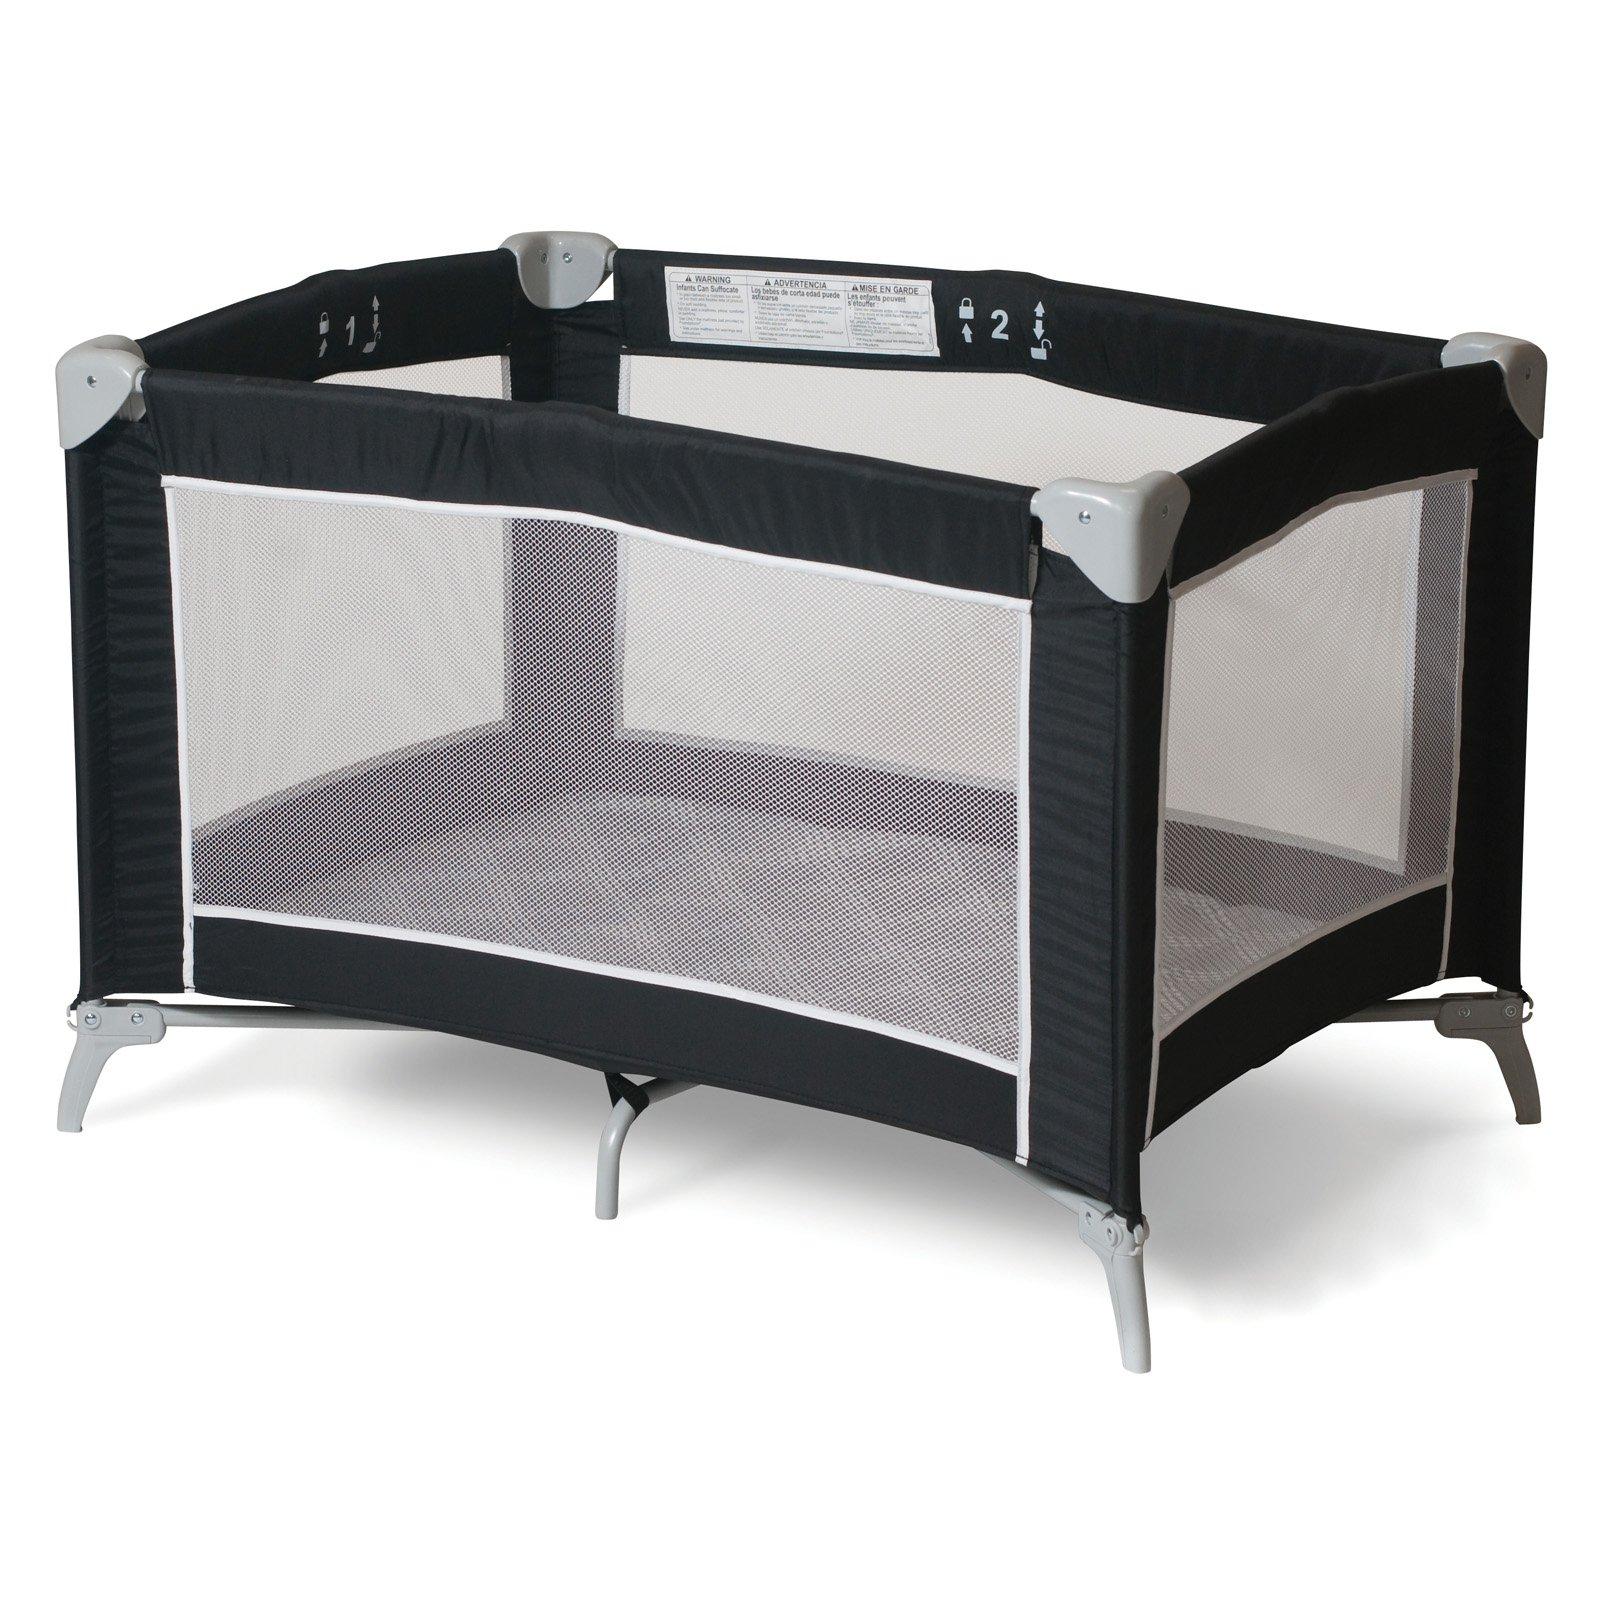 Foundations Sleep 'N Store Portable Playard Crib, Graphite Mod Plaid